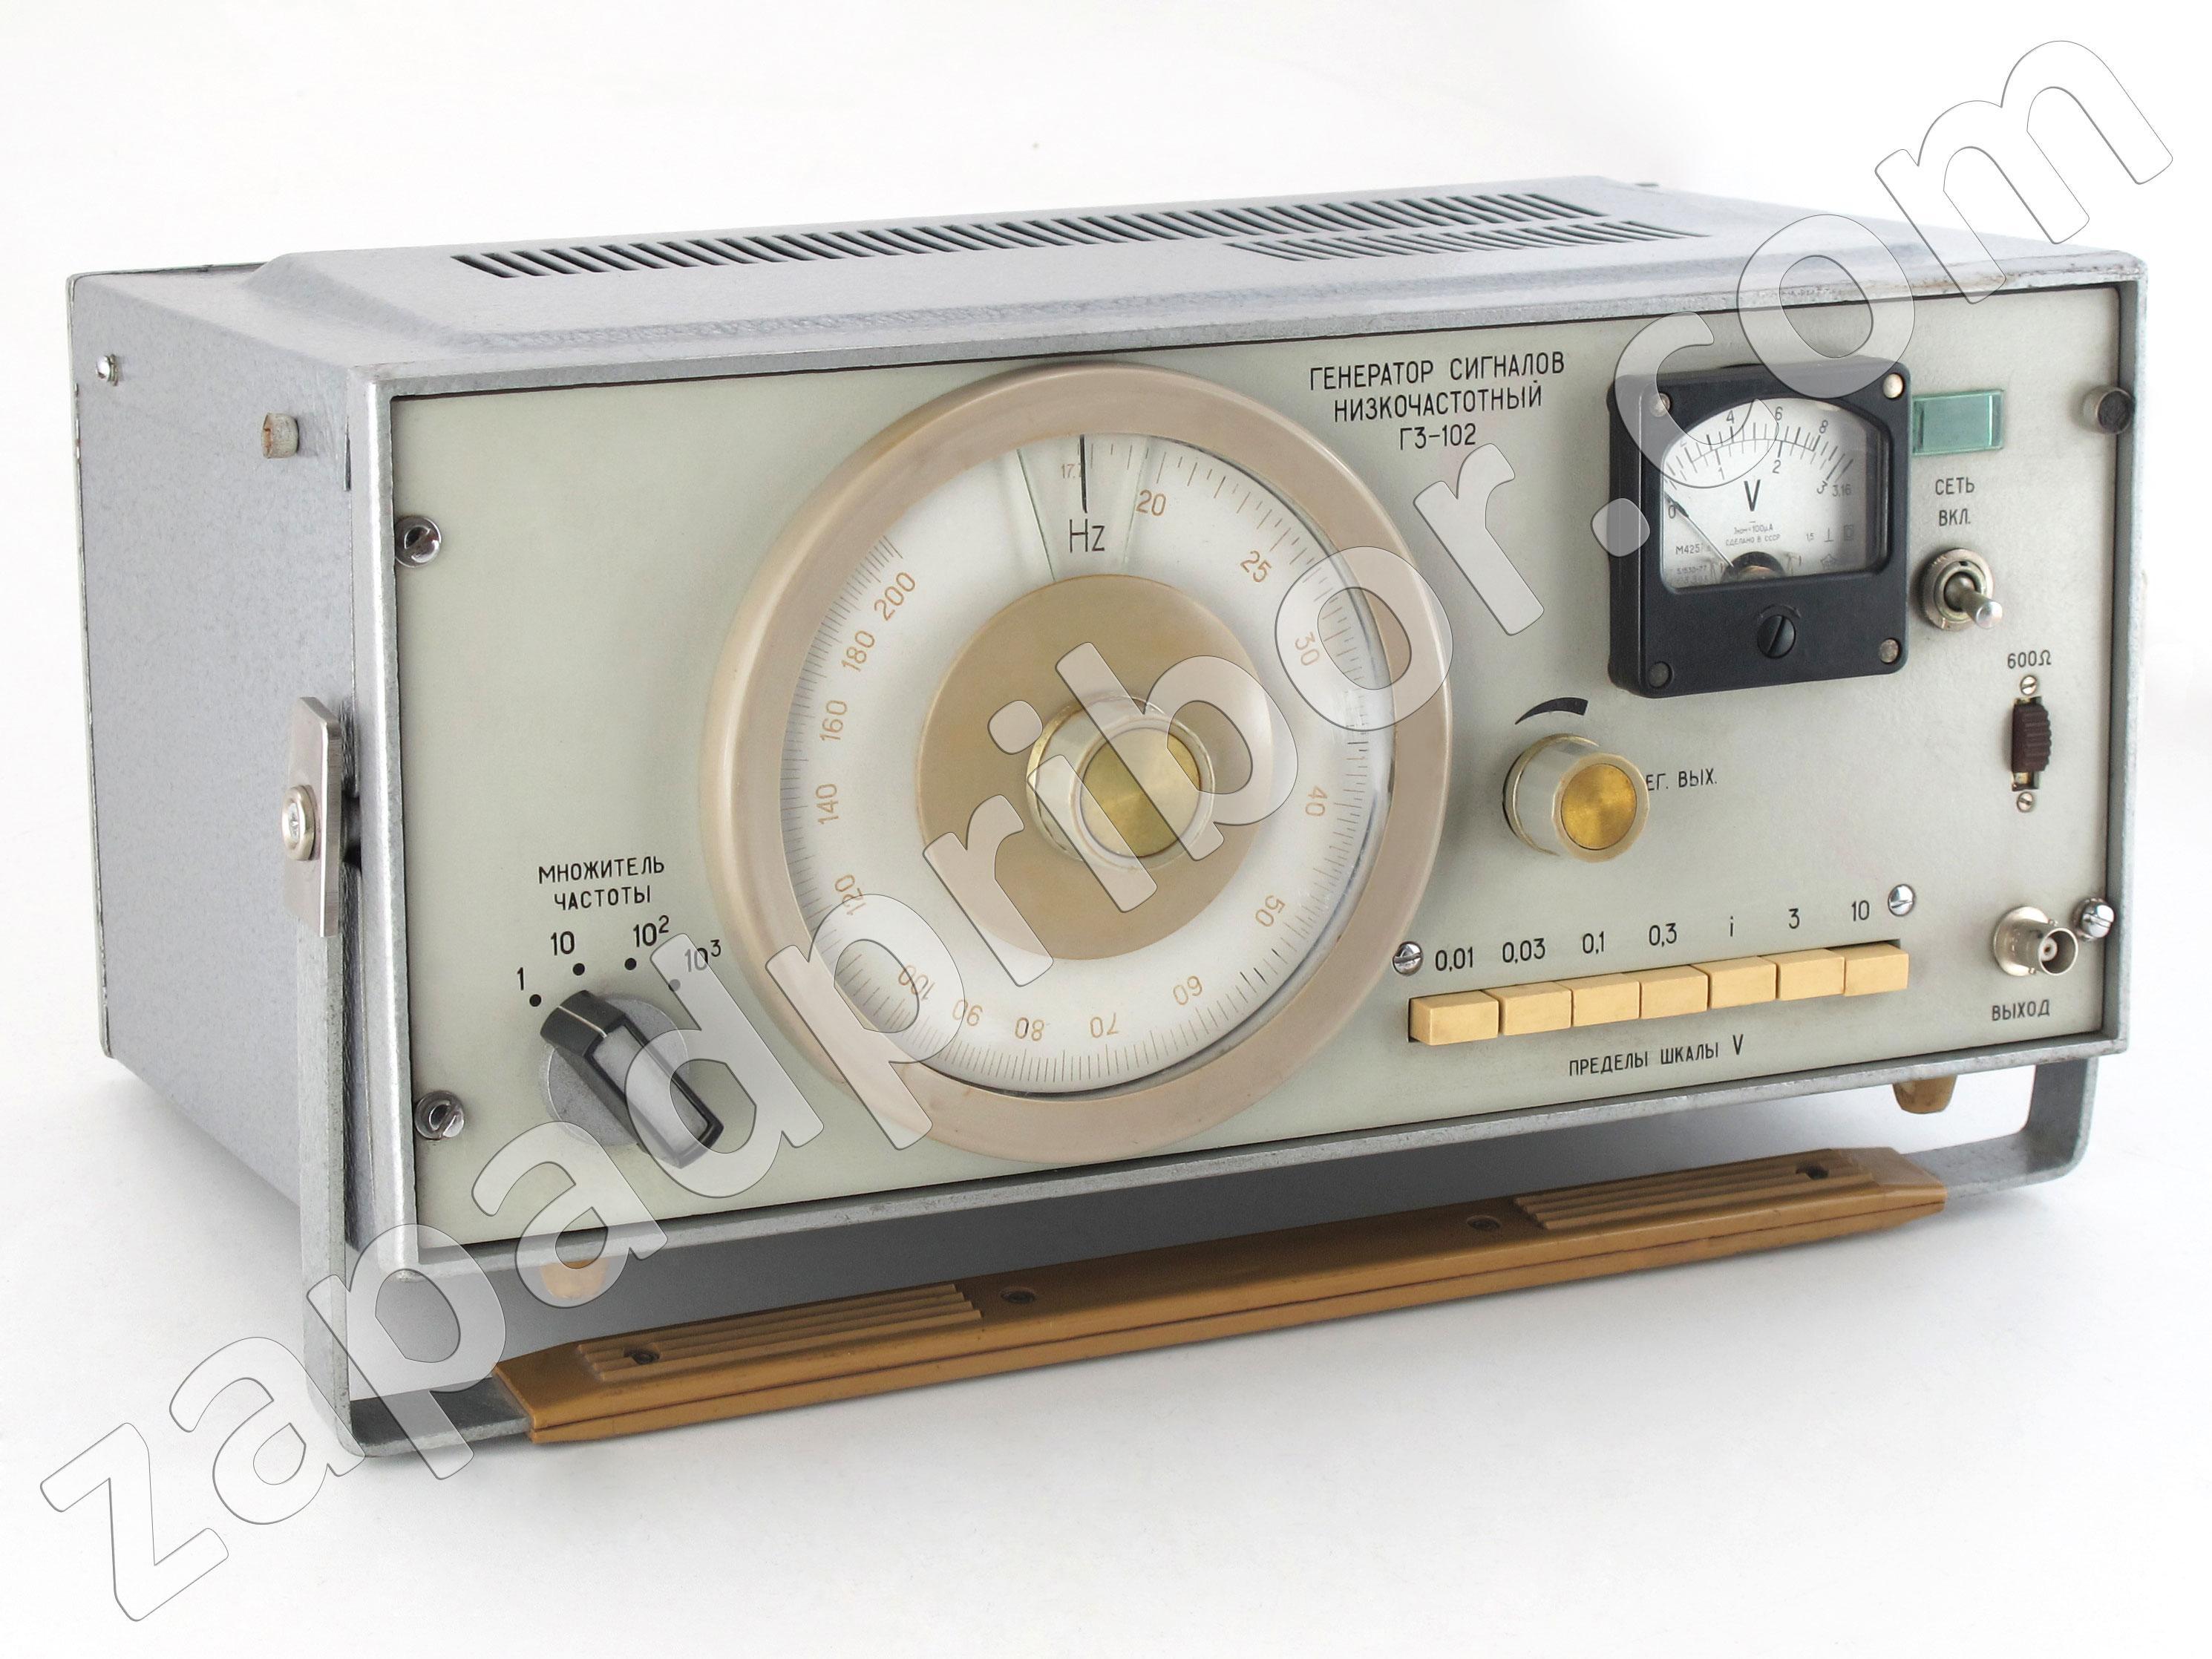 Векторный генератор сигналов rohdeschwarz smj100a 3 ггц